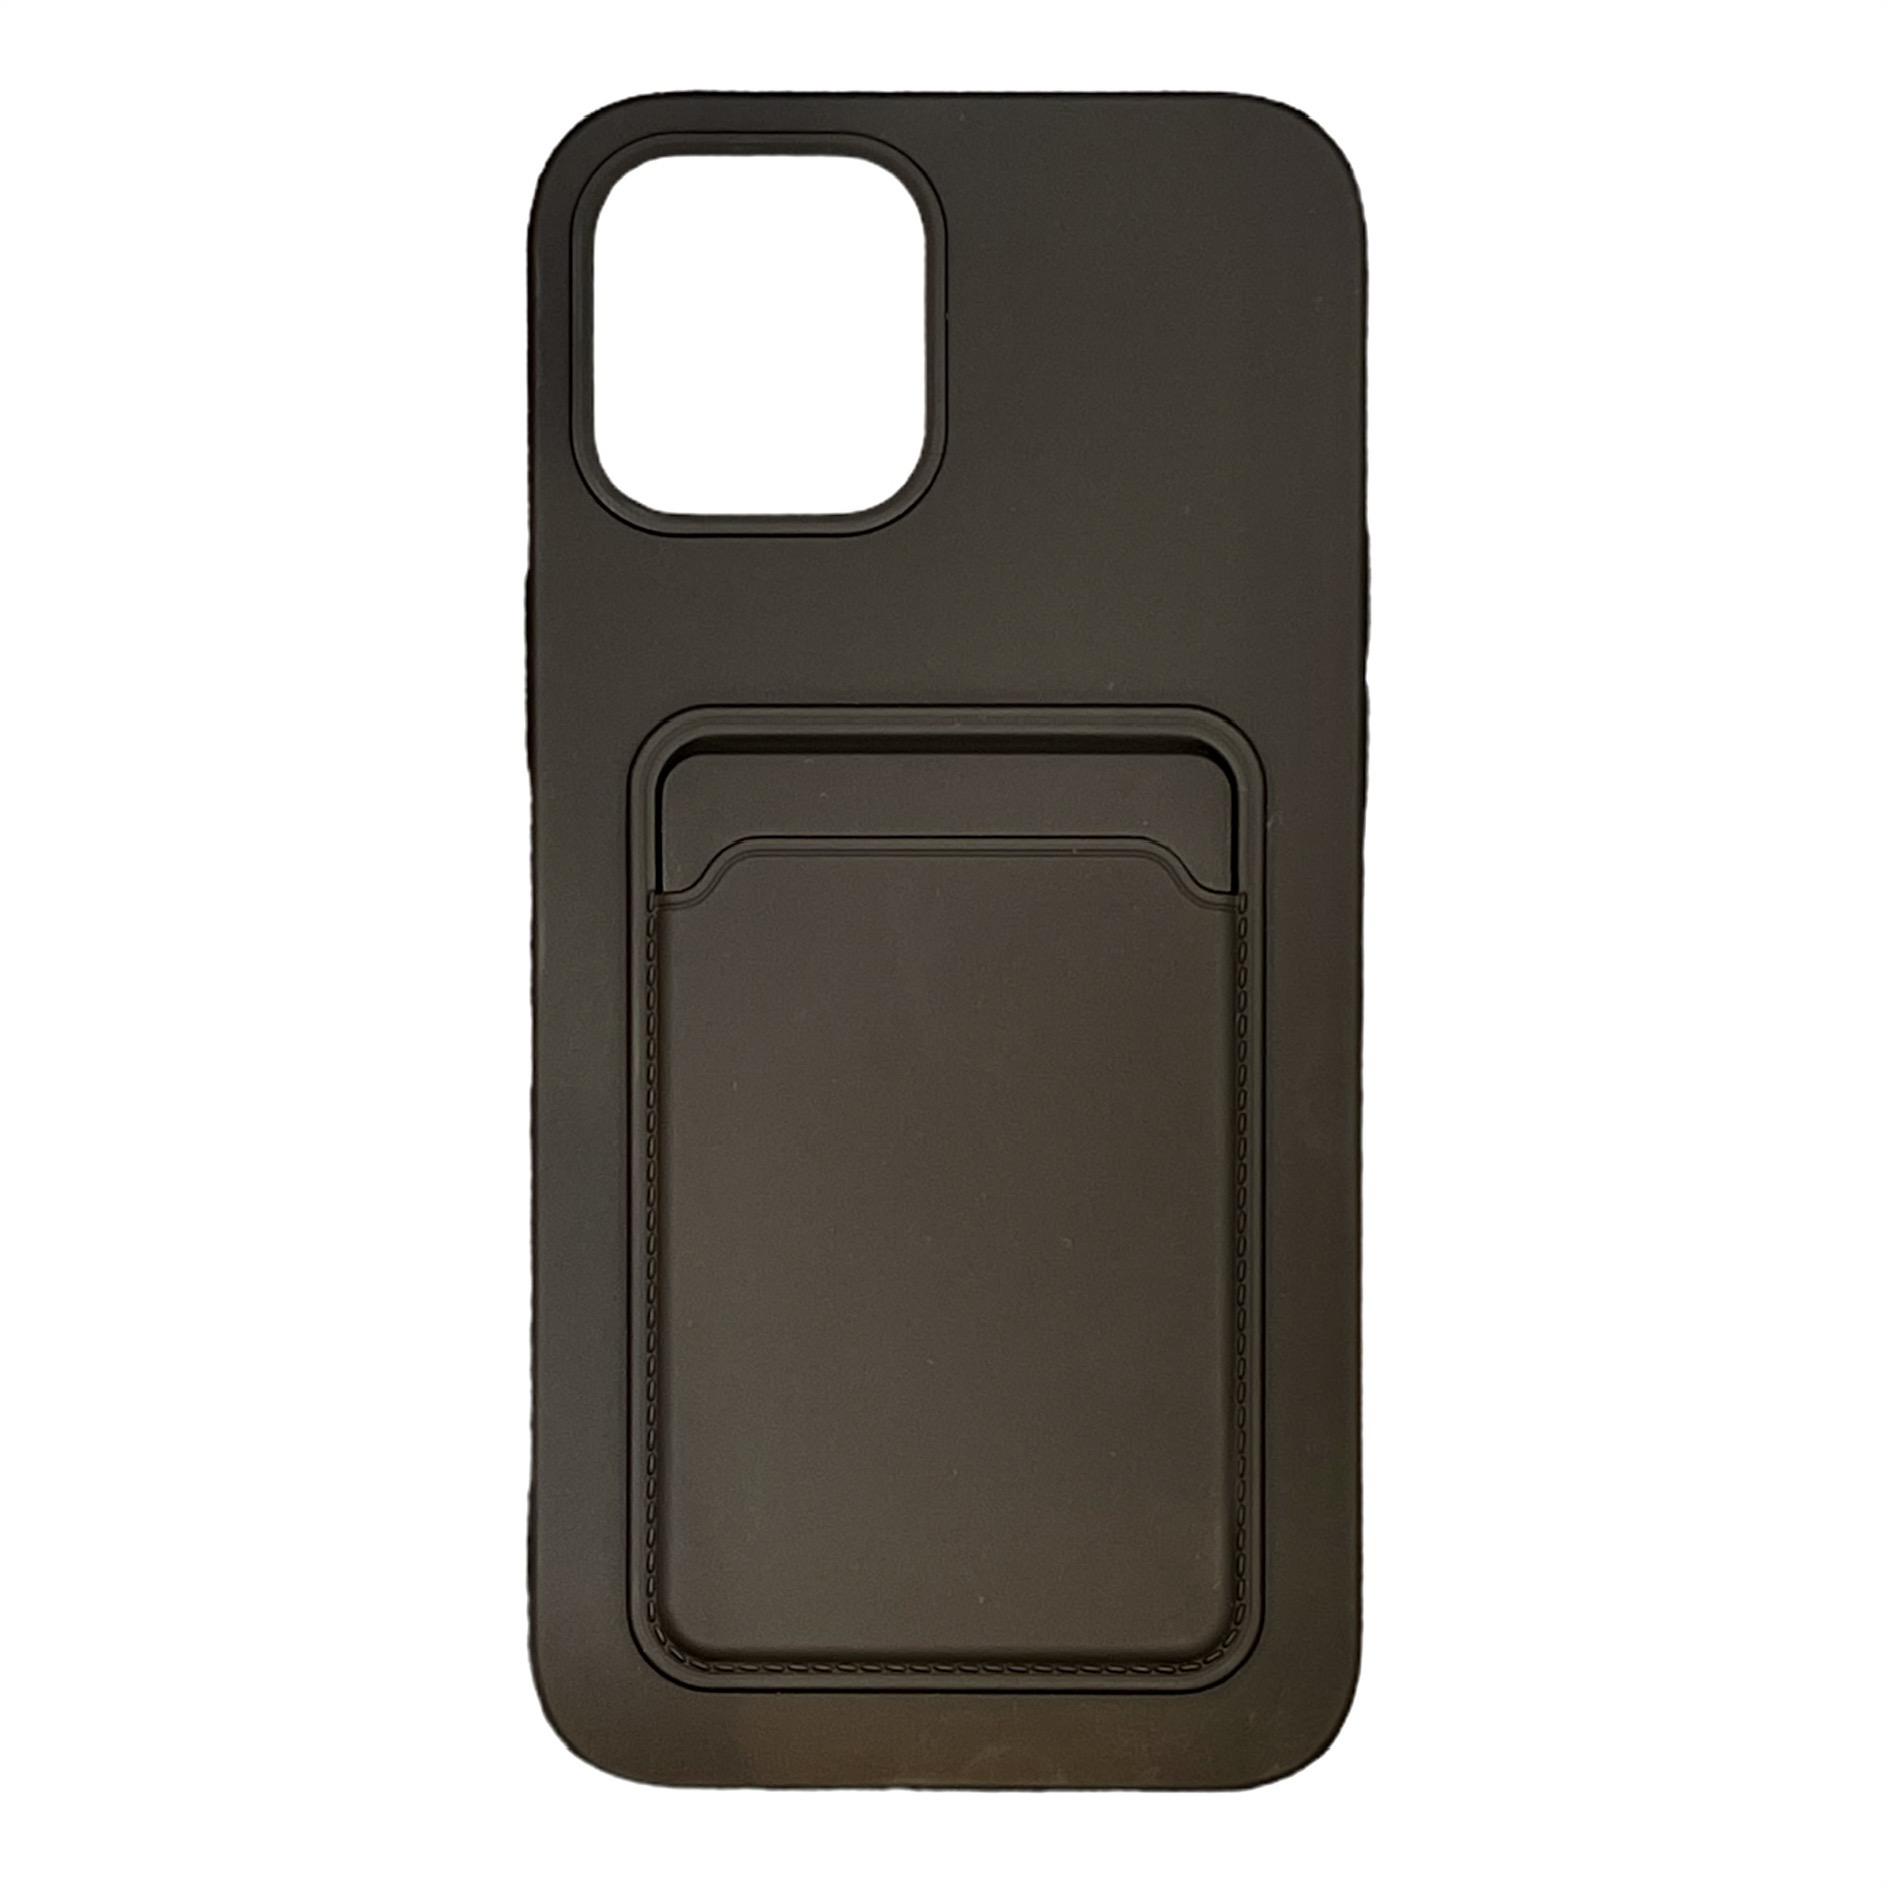 بررسی و {خرید با تخفیف} کاور مدل Convenient مناسب برای گوشی موبایل اپل IPhone 12 Pro Max اصل